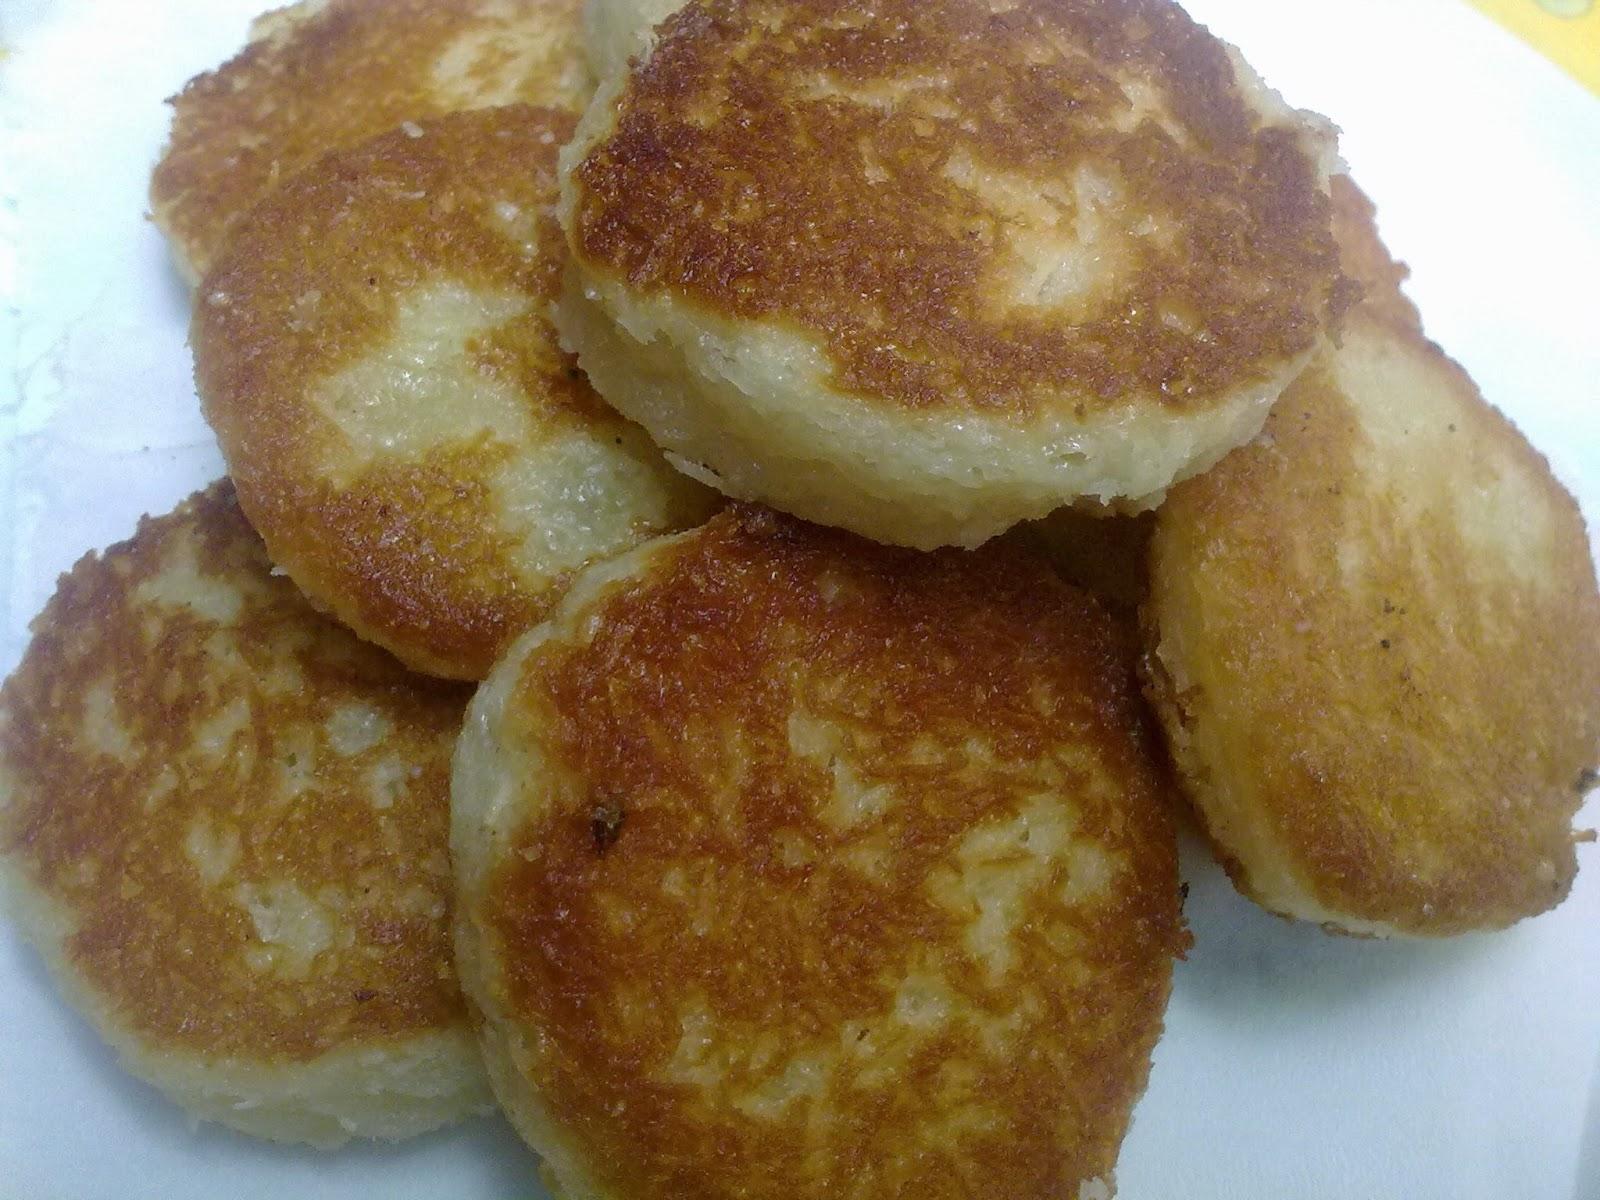 Resep Membuat Kue Wingko Babat Khas Semarang